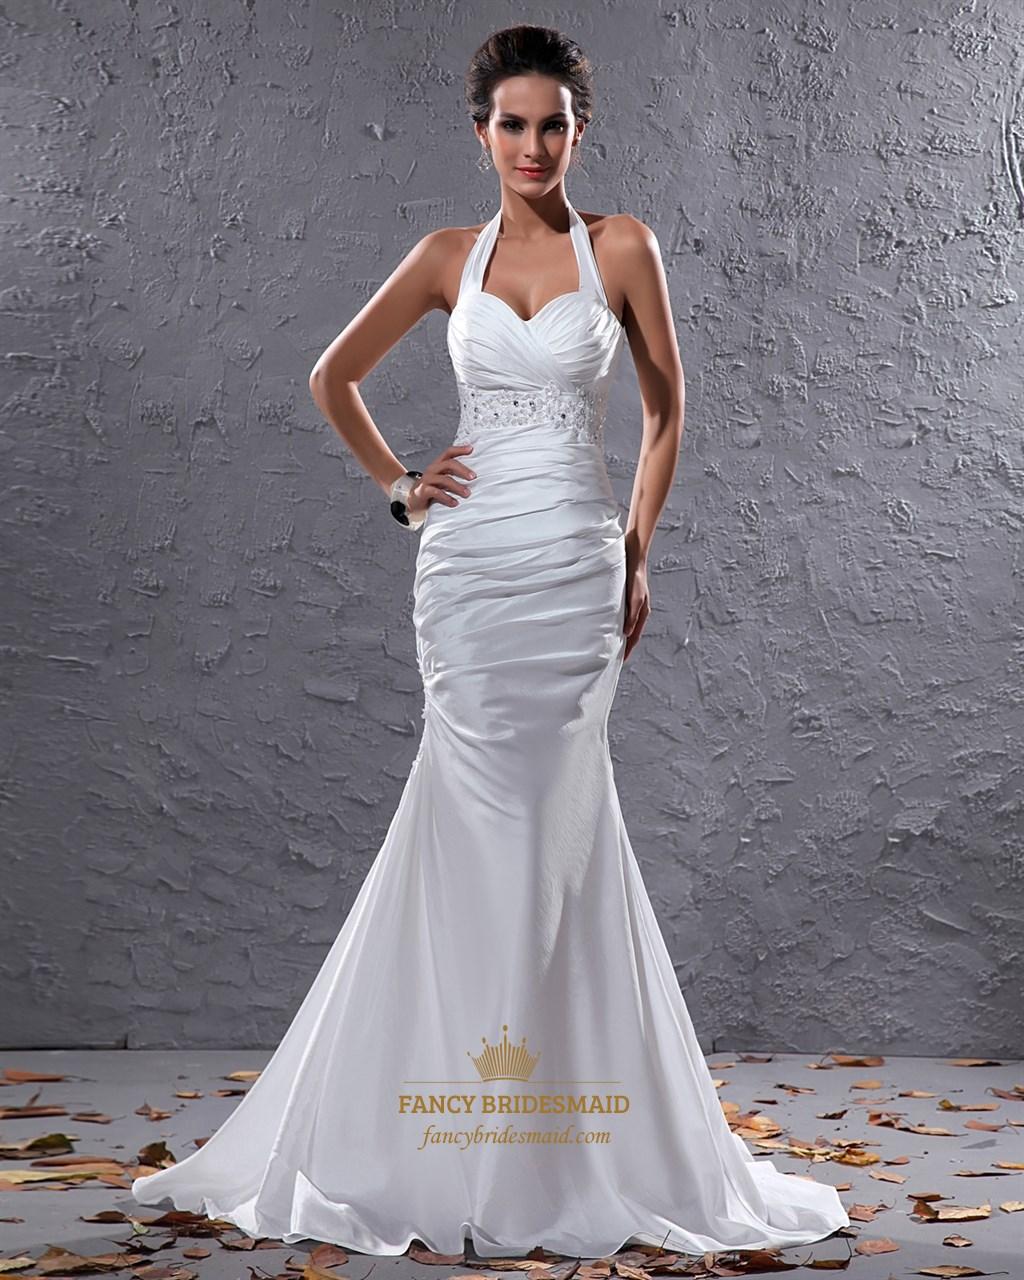 Elegant White Halter Neck Floor Length Lace Embellished Wedding Dress